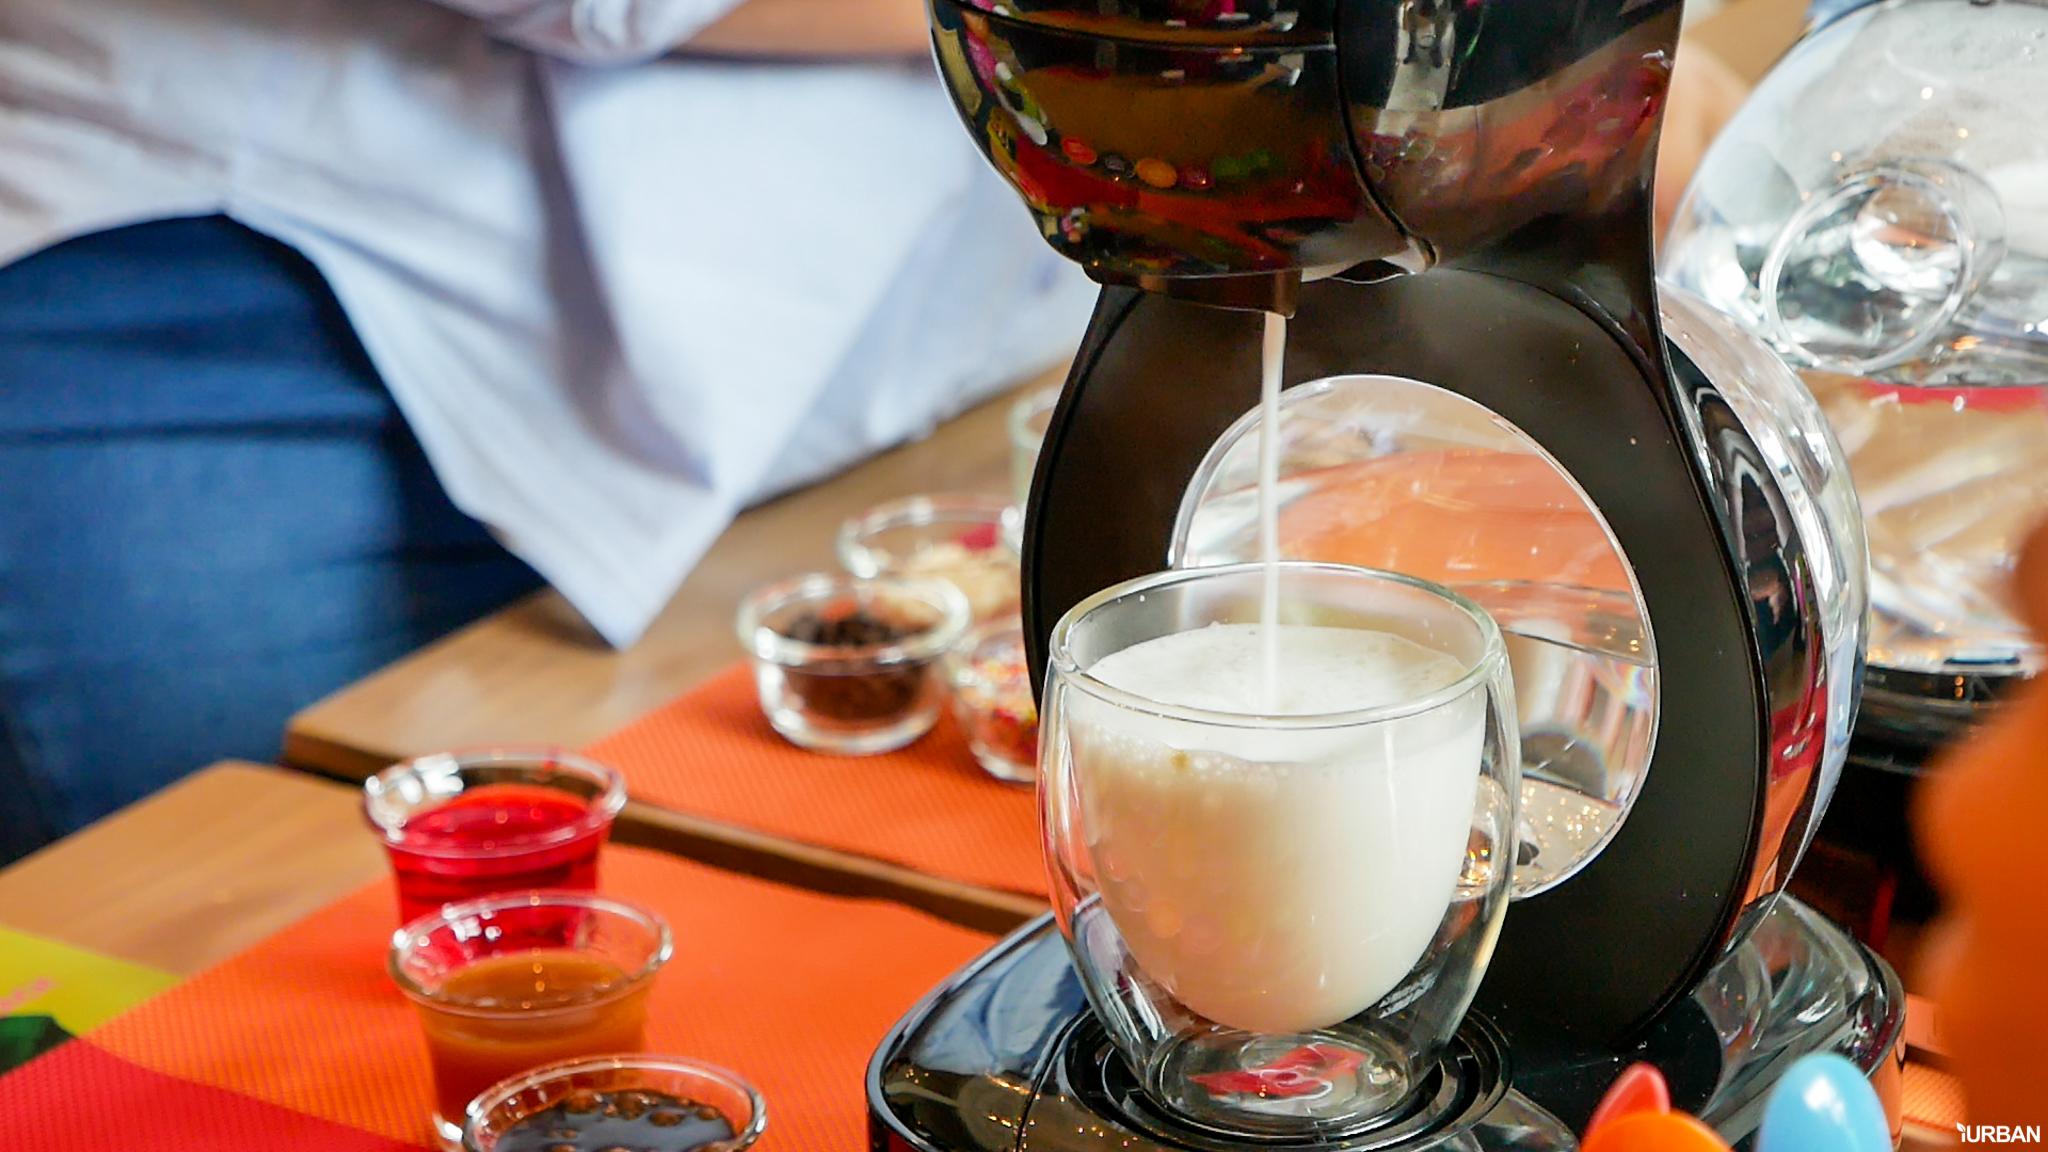 หลายเรื่องที่รู้แล้วคุณจะรัก NESCAFÉ Dolce Gusto นวัตกรรมกาแฟสดระดับโลกที่คุณก็ชงได้ 18 - Coffee